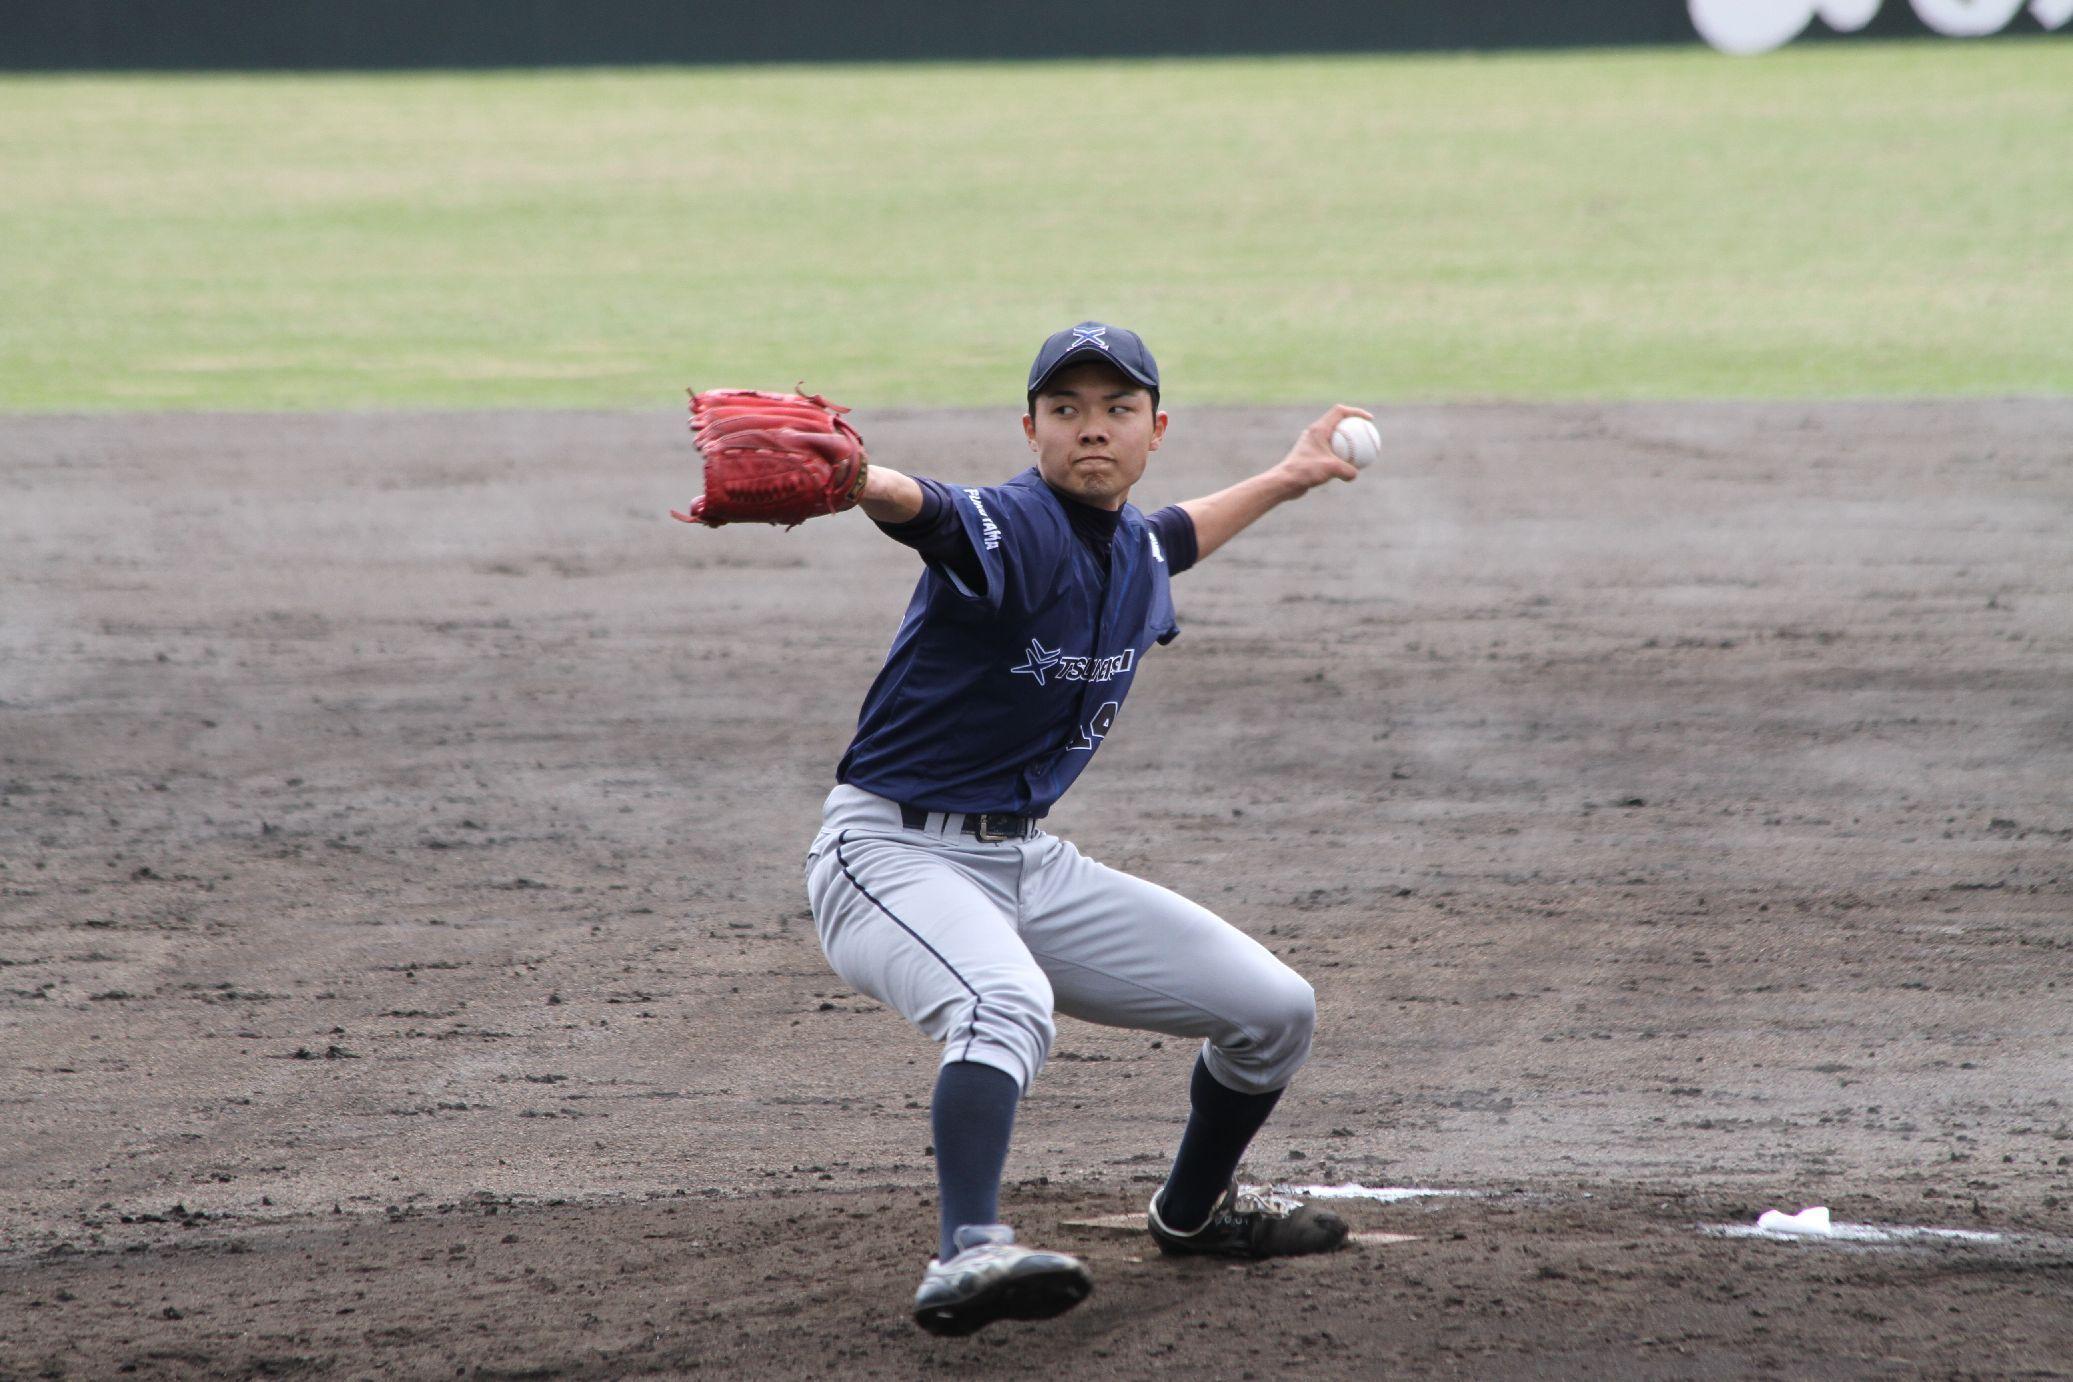 2試合で救援した久保田高弘投手